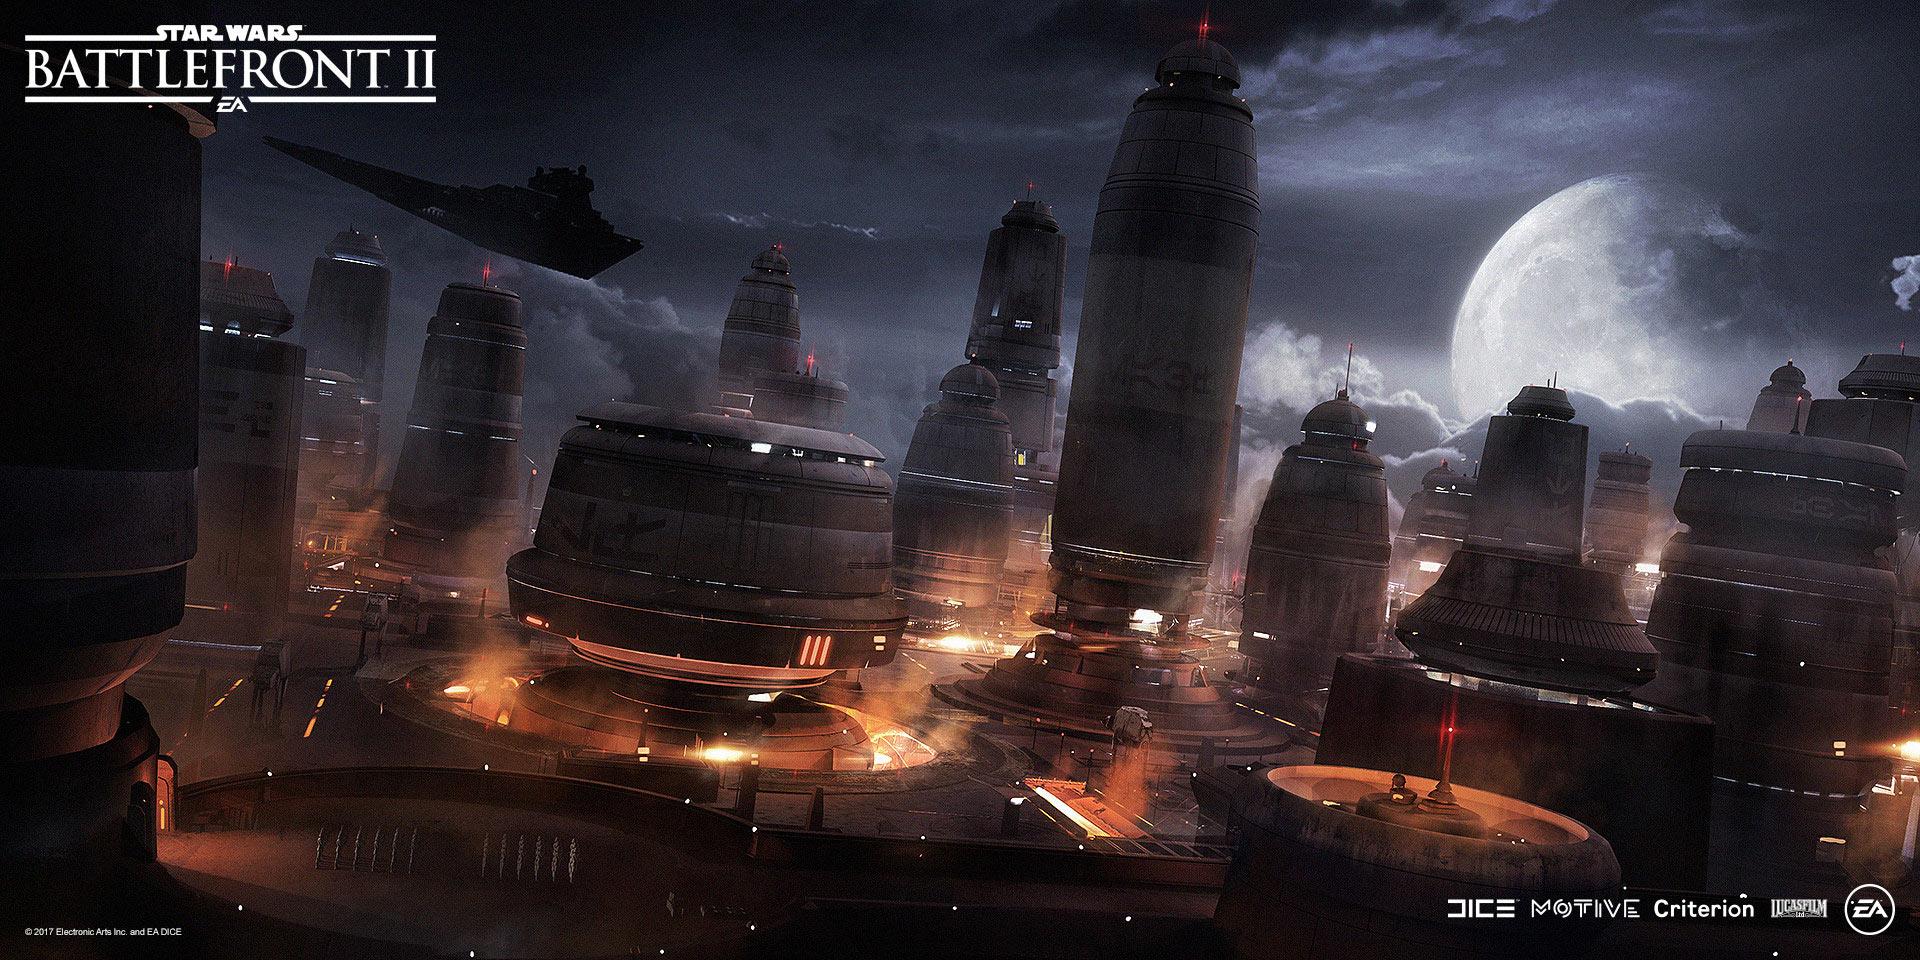 Star-Wars-Battlefront-II-Concept-Art-Mat